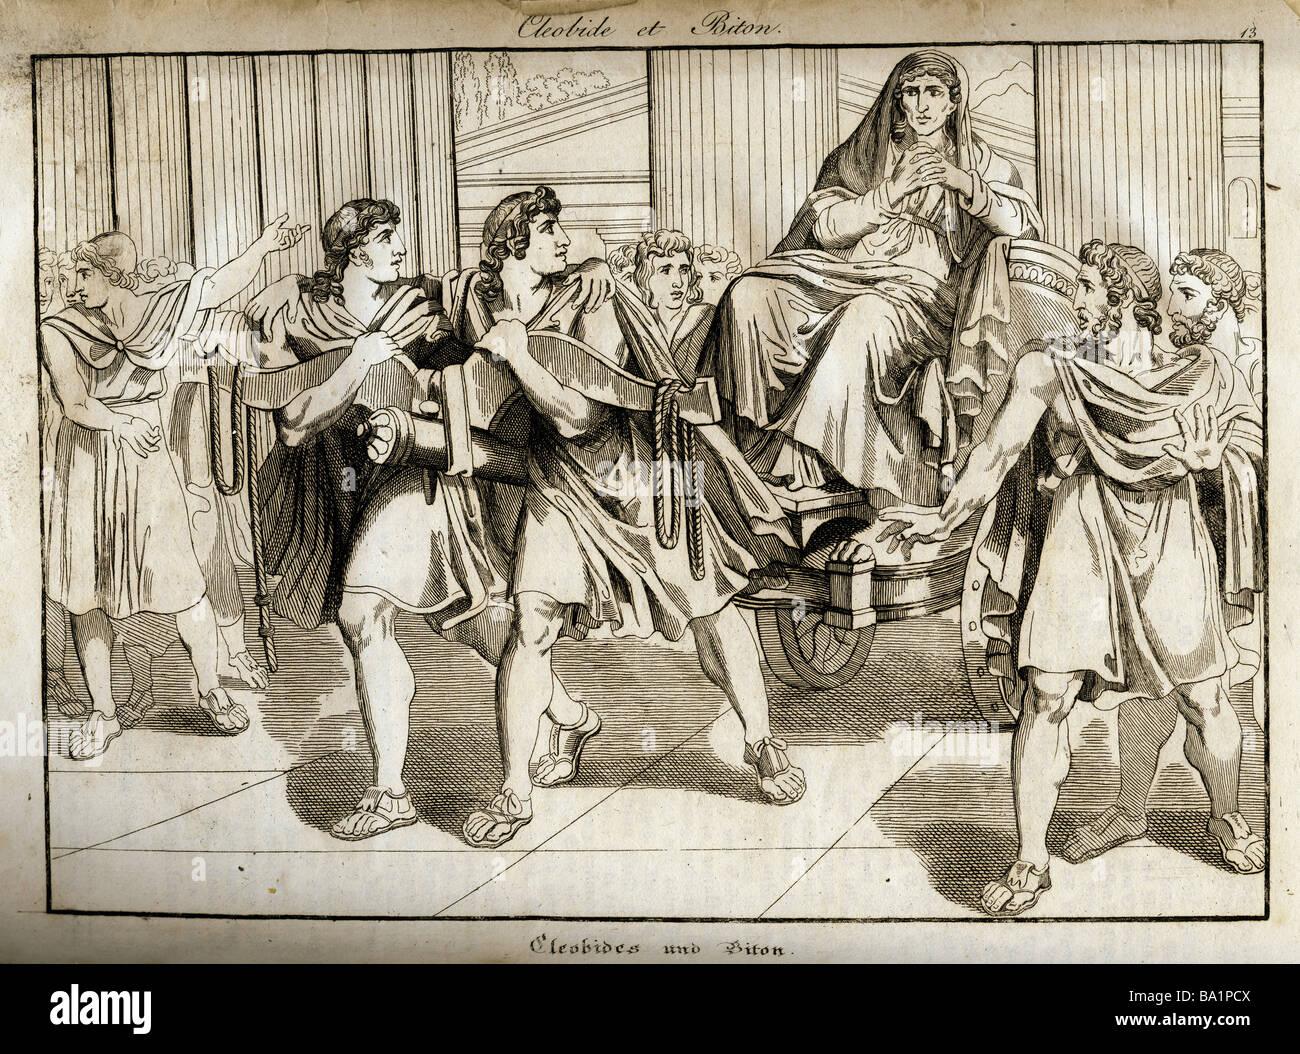 """Monde antique, grèce, mythologie, 'Kleobis et Biton', gravure sur cuivre, 'Vorzeit und Gegenwart"""", Photo Stock"""